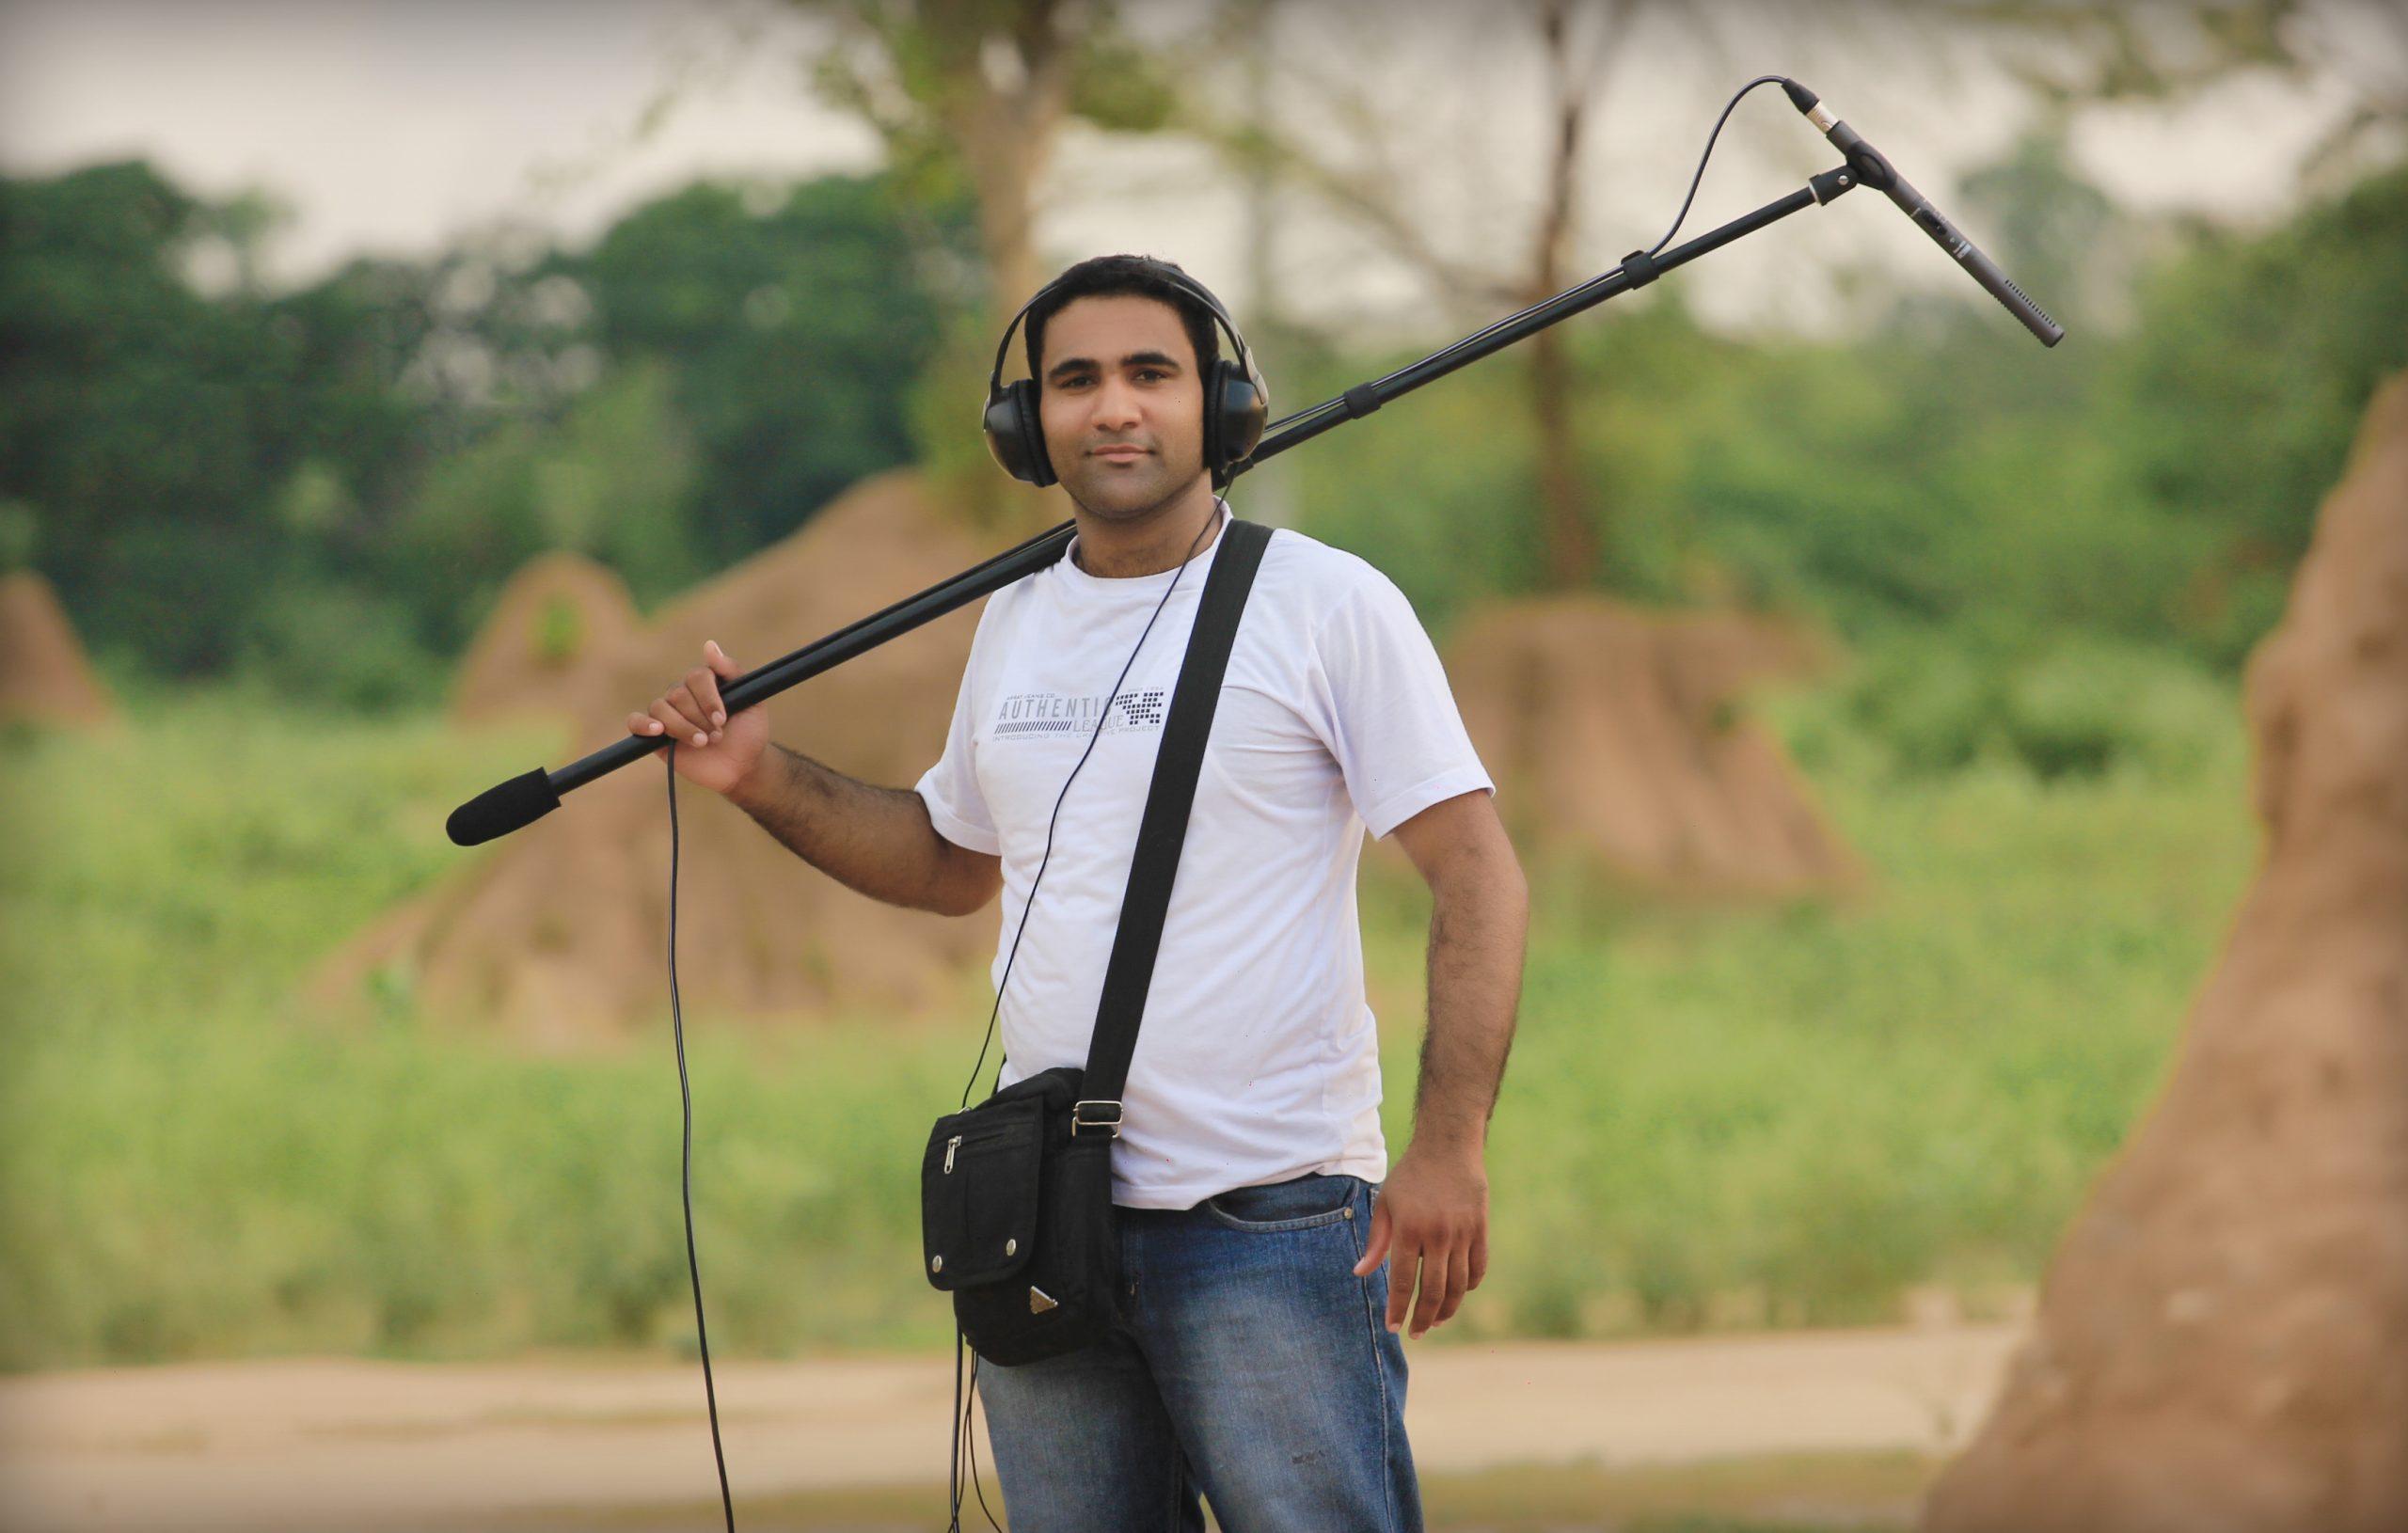 A sound recordist